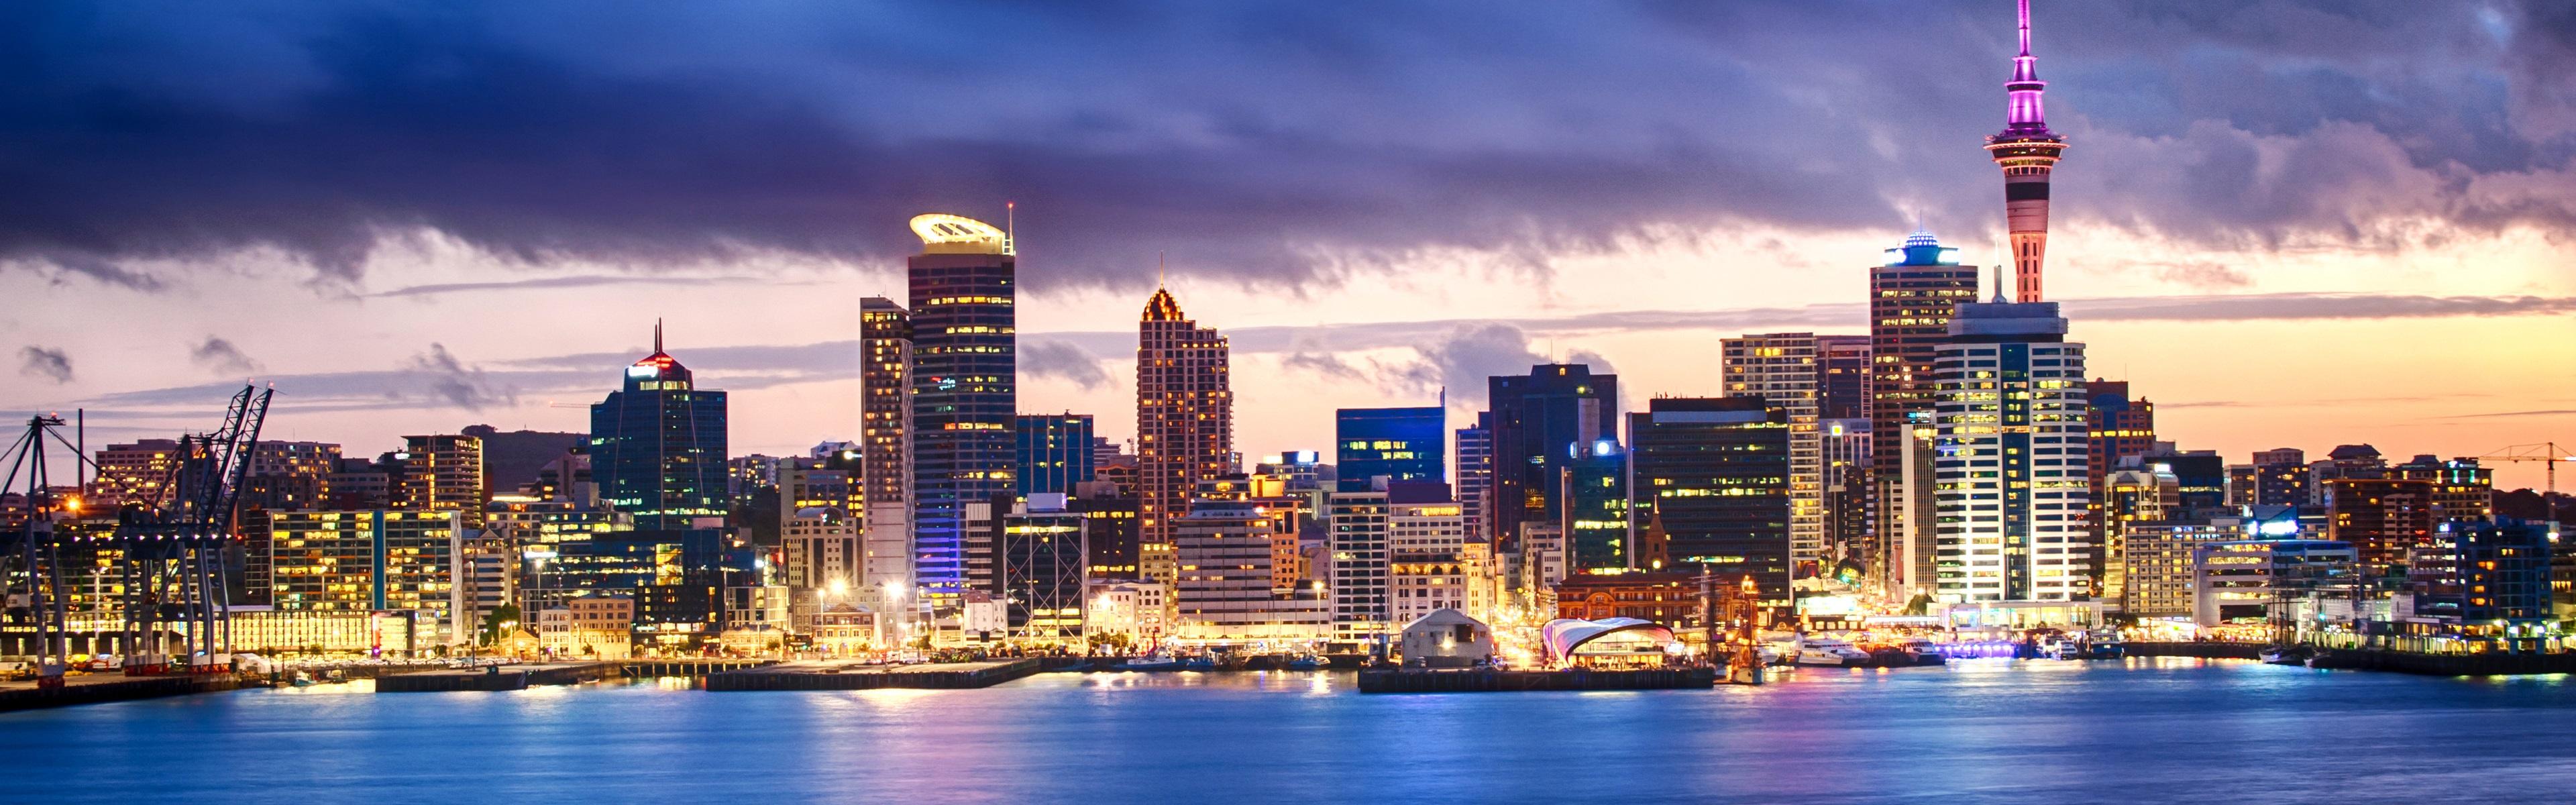 Обои окленд, Вечер, огни, Новая Зеландия. Города foto 9